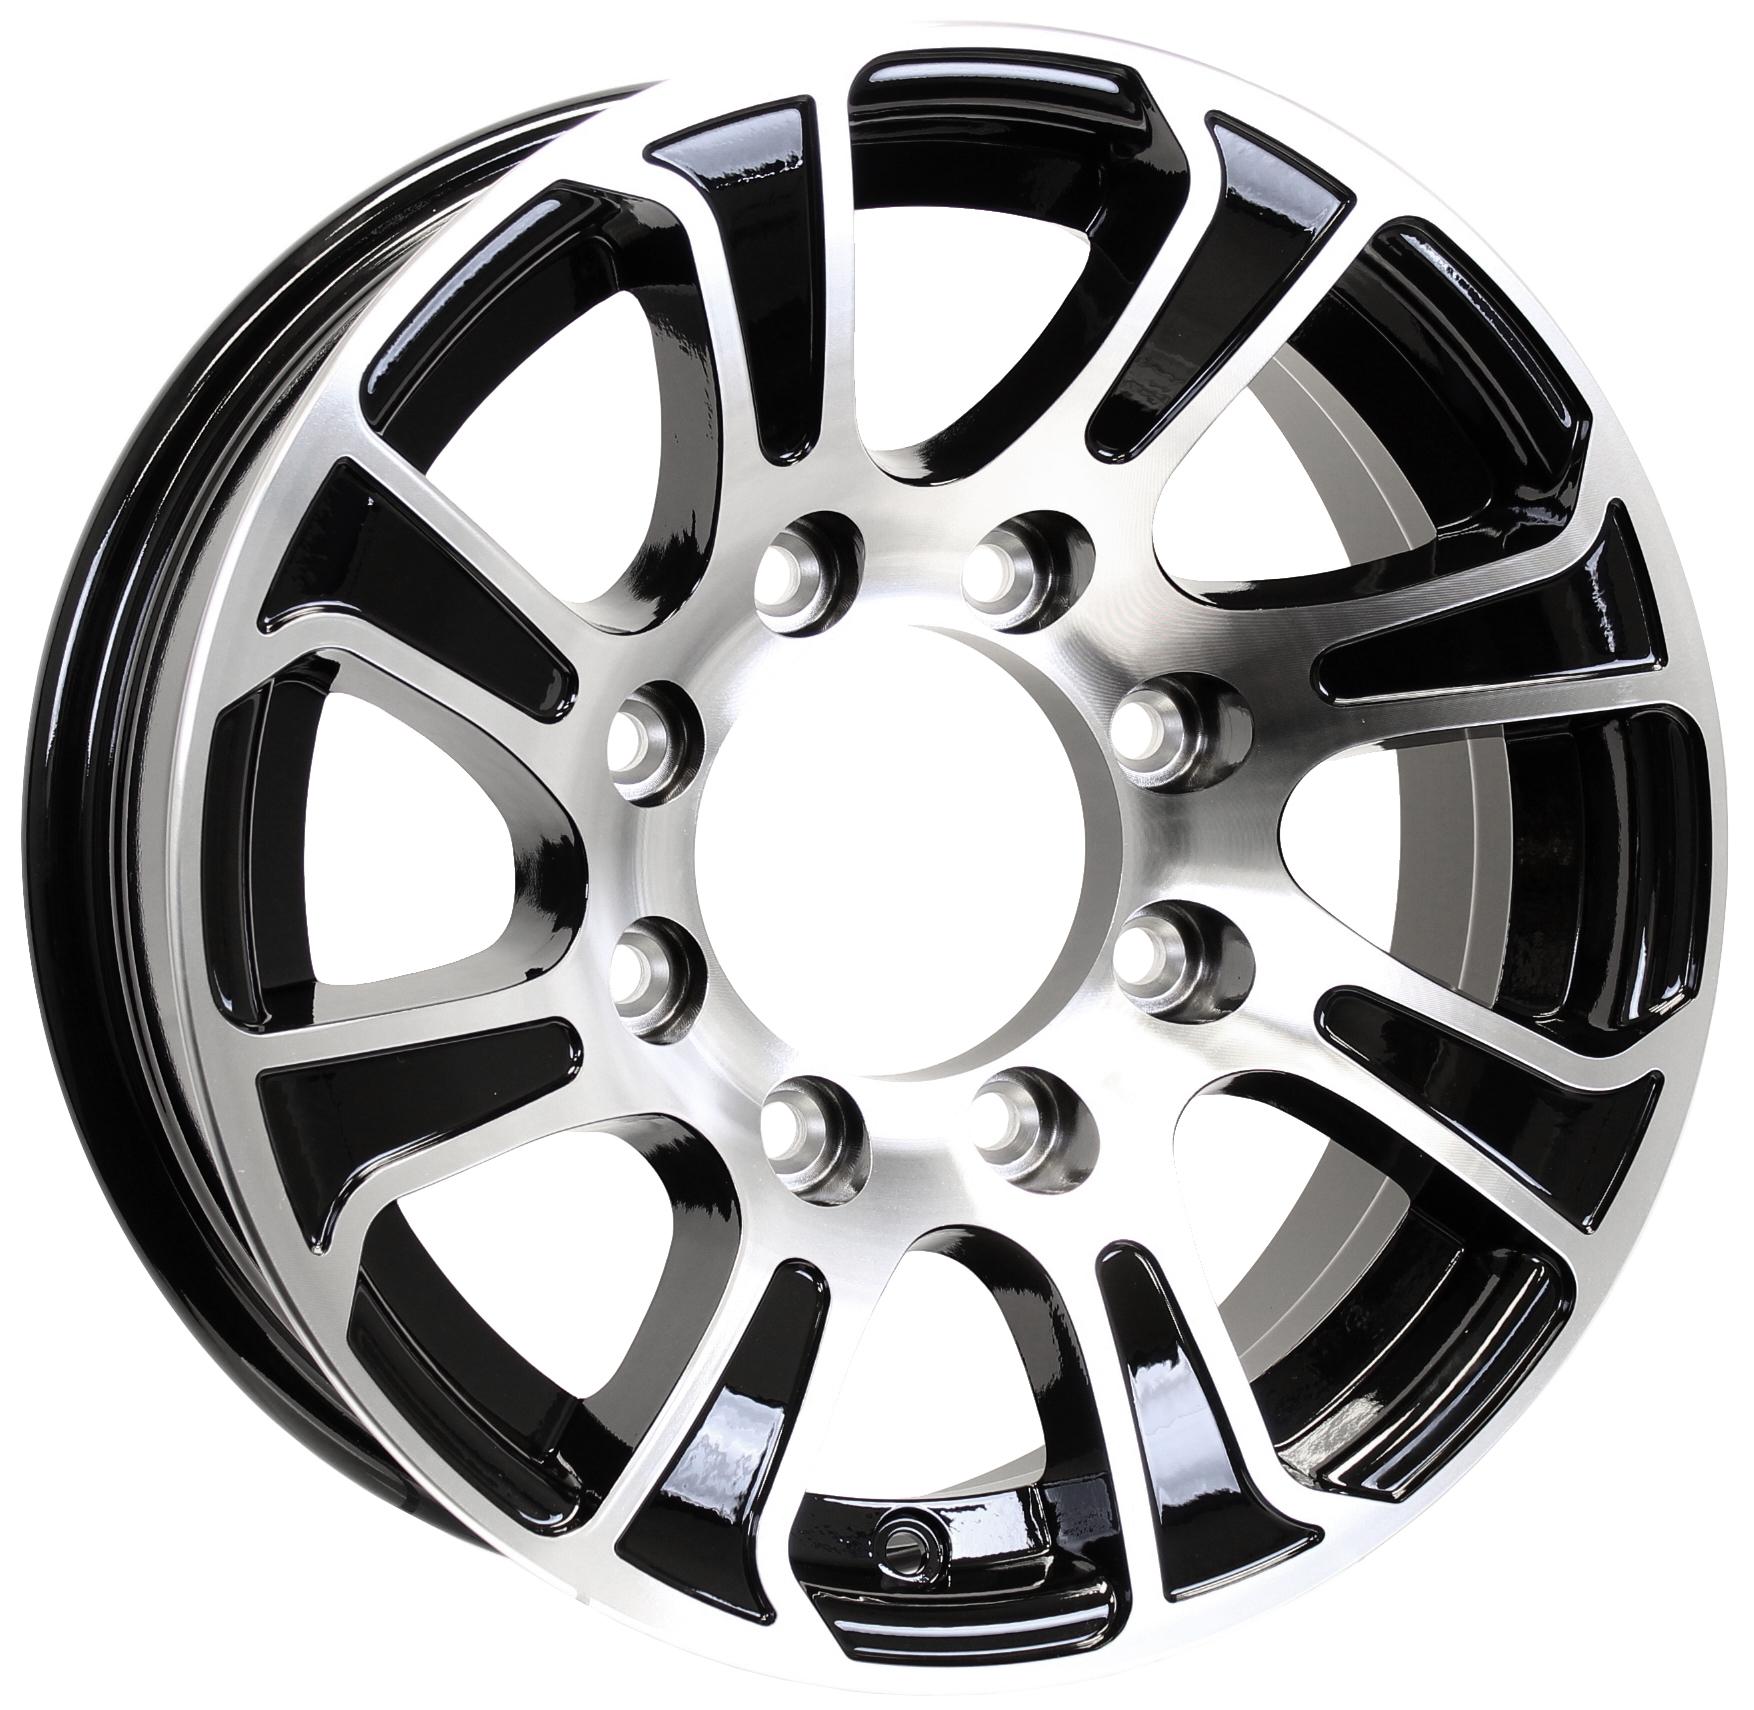 Summit 16x7; 8-Lug Black Aluminum Trailer Wheel Image